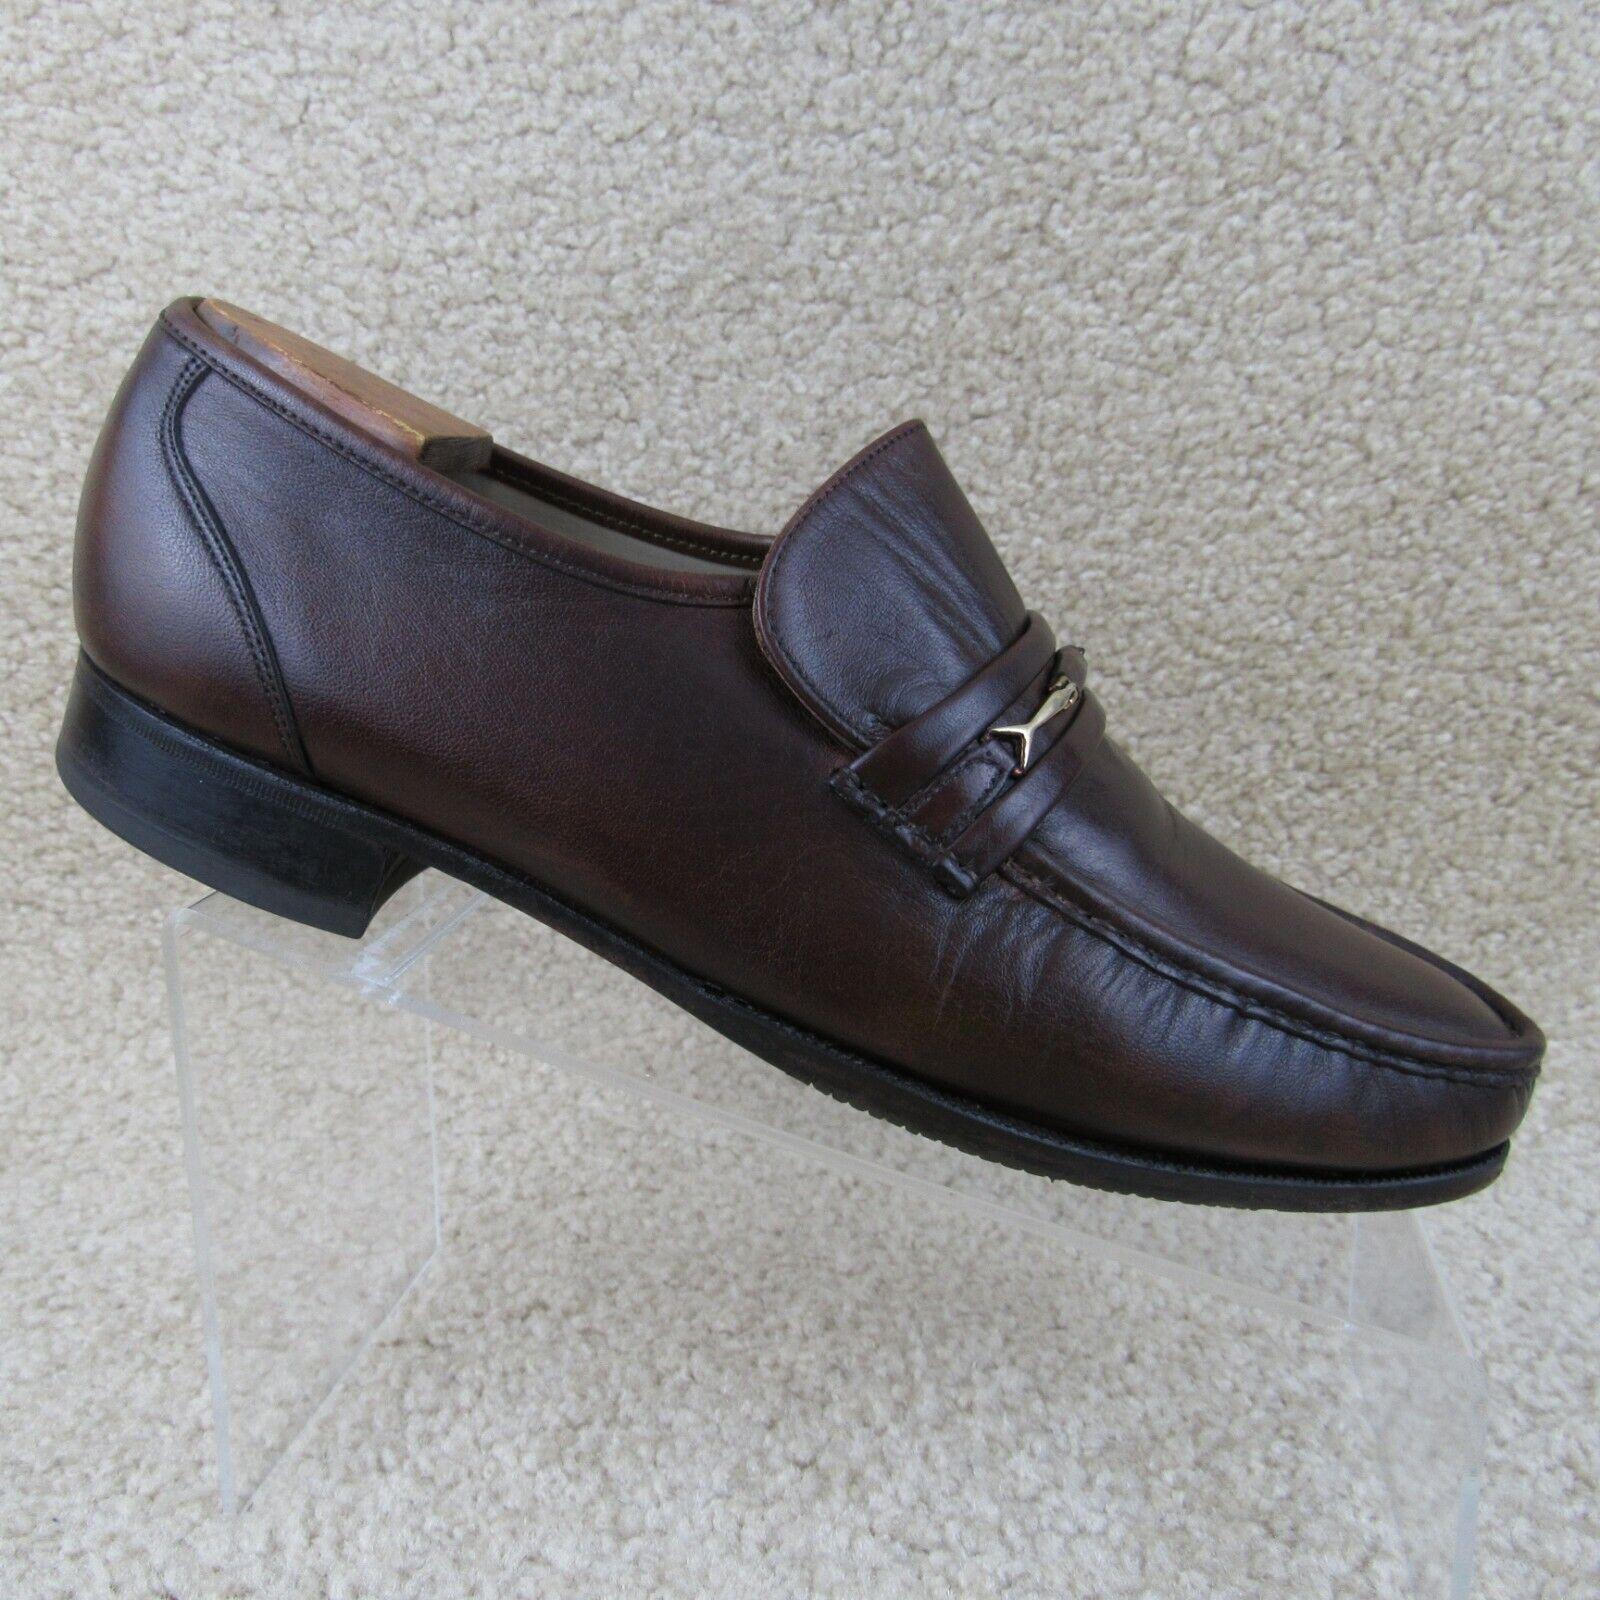 Florsheim Horsebit Leather Dress Slip On Loafer Size 10D